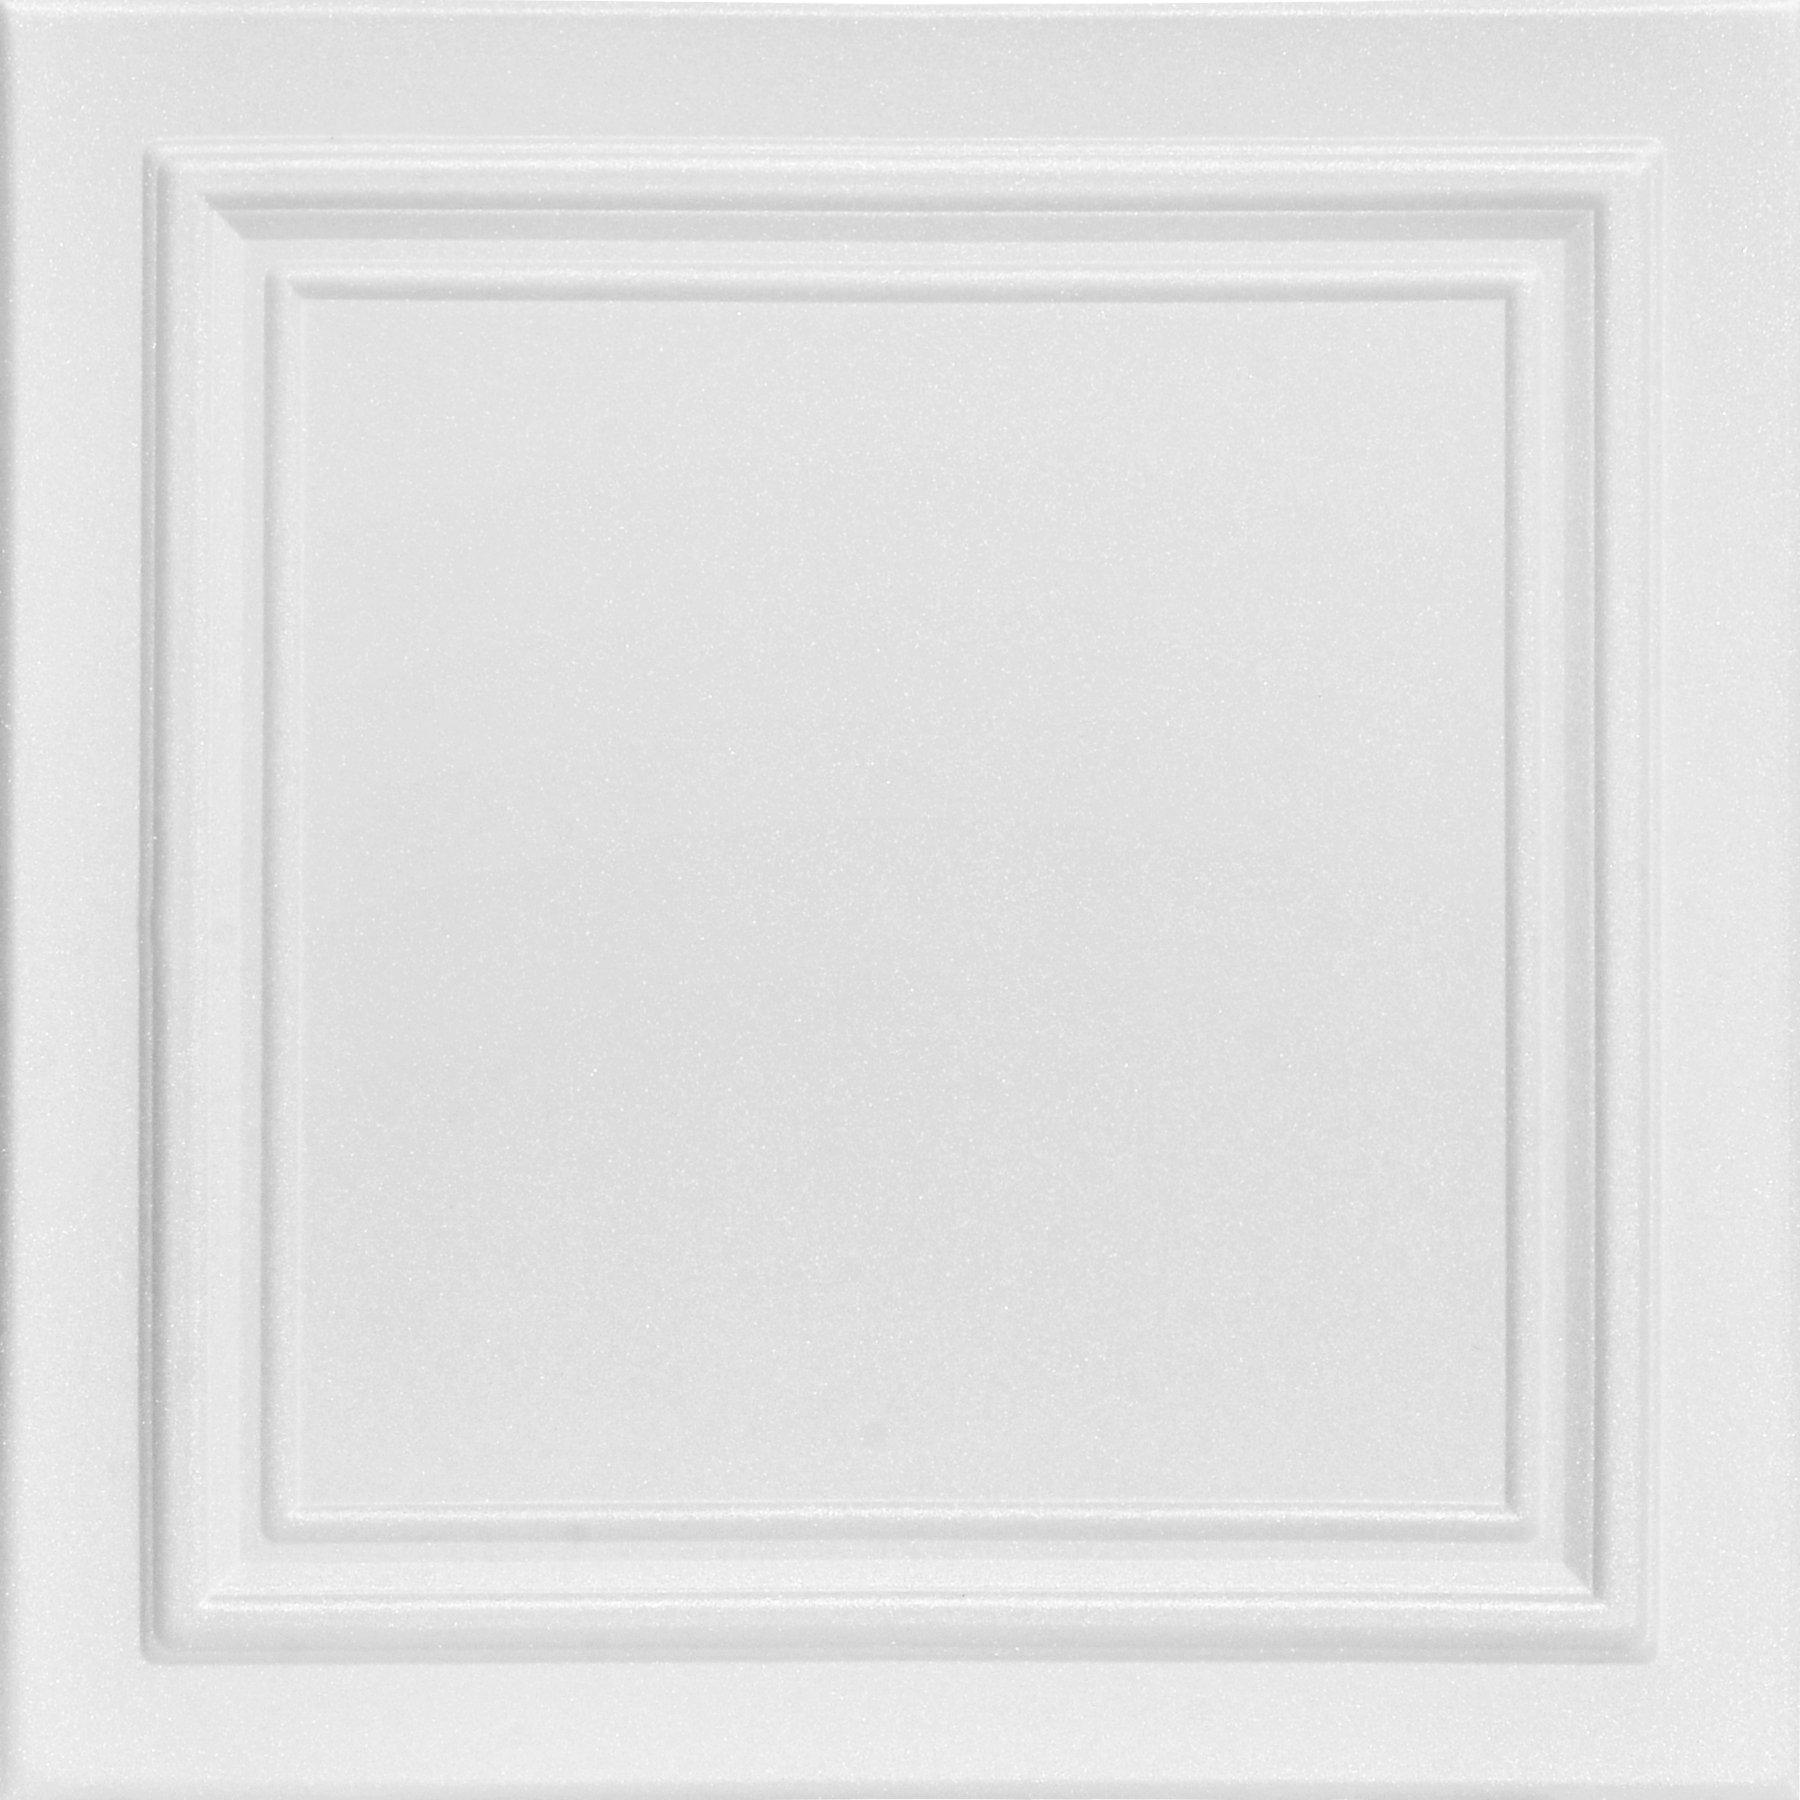 A la Maison Ceilings 1993 Line Art - Styrofoam Ceiling Tile (Package of 8 Tiles), Plain White by A La Maison Ceilings